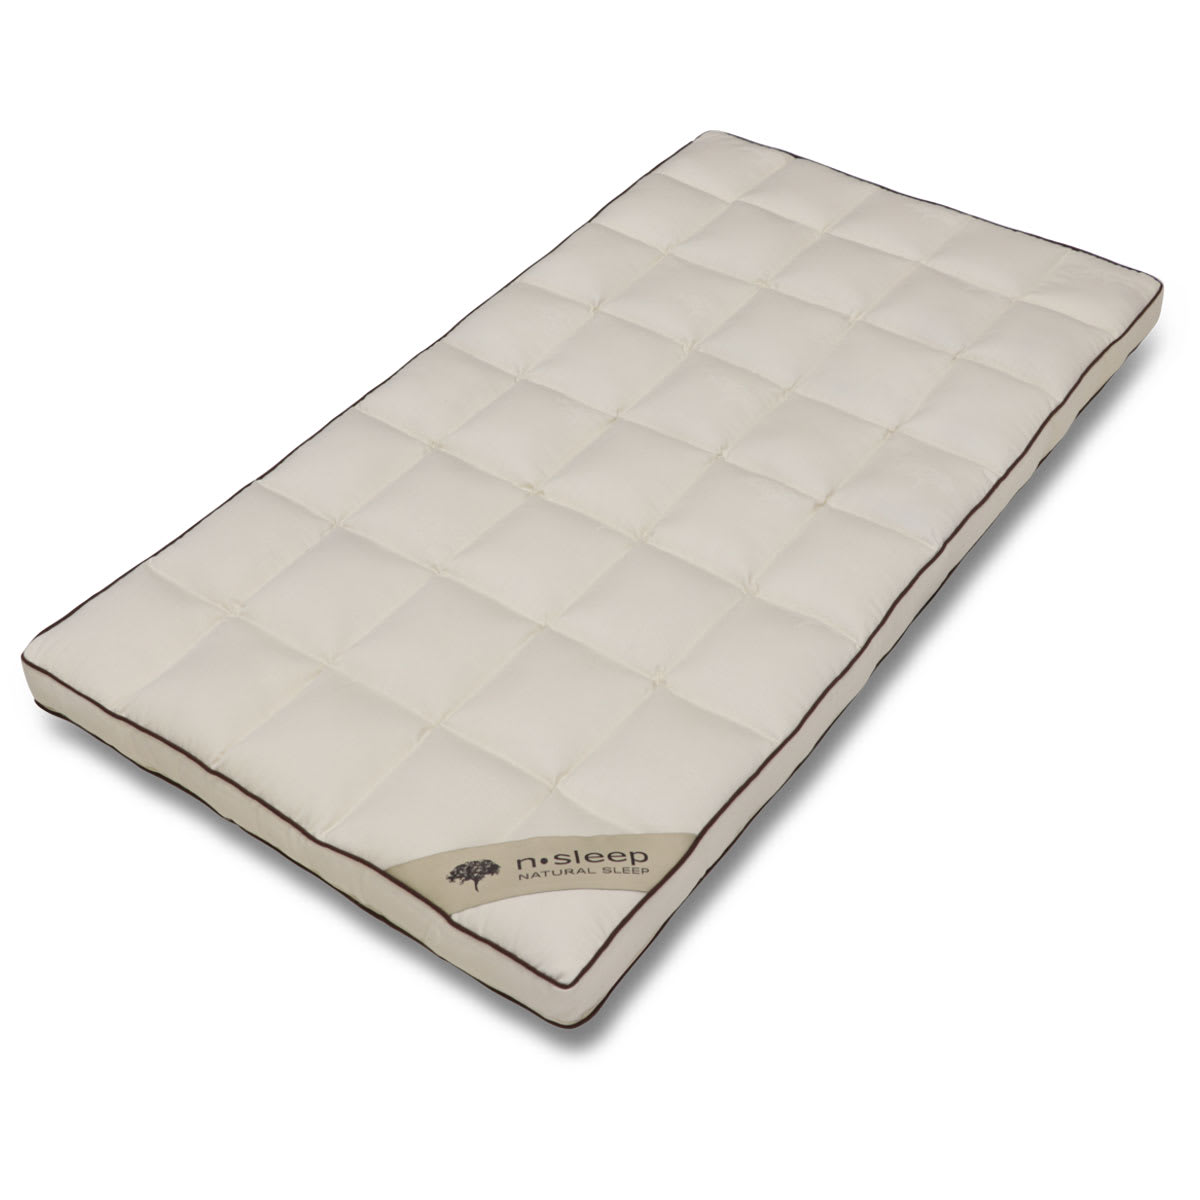 60 x 120 cm - Kapok naturfibre - Allergivenlig med god ventilation